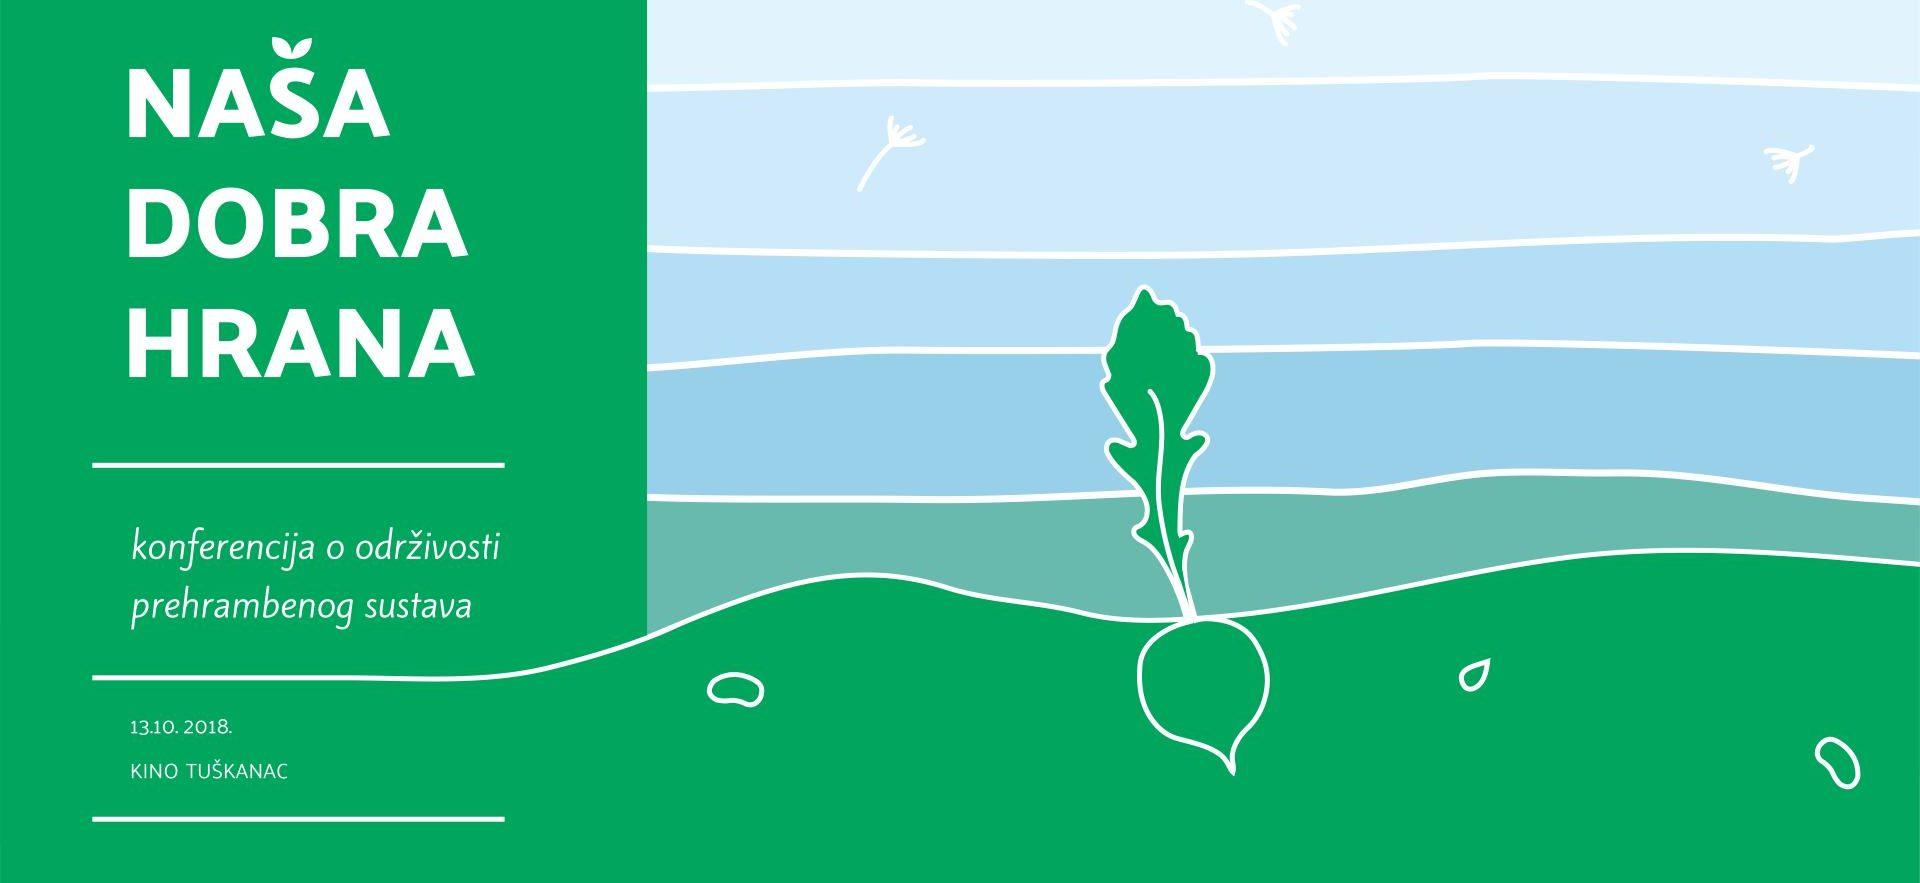 Dobra hrana– vrijeme je za razgovor o održivosti prehrambenog sustava